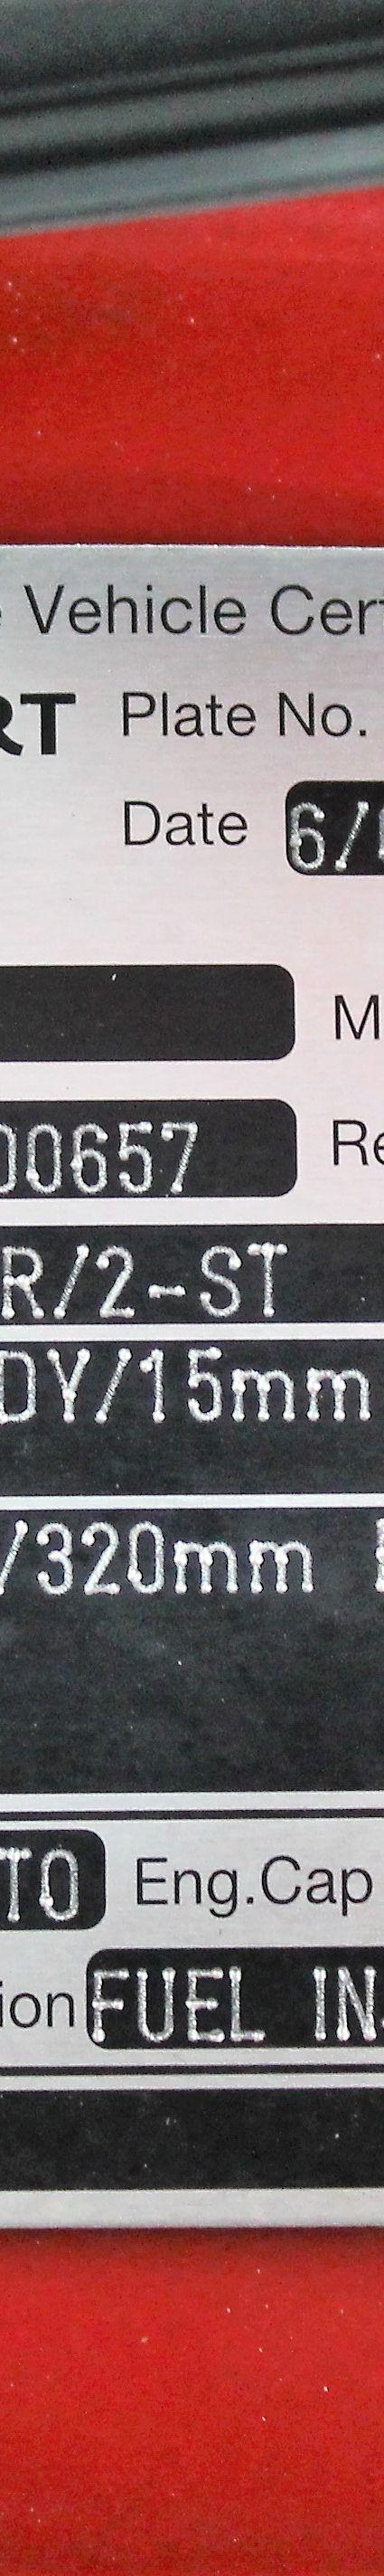 NSX 6a